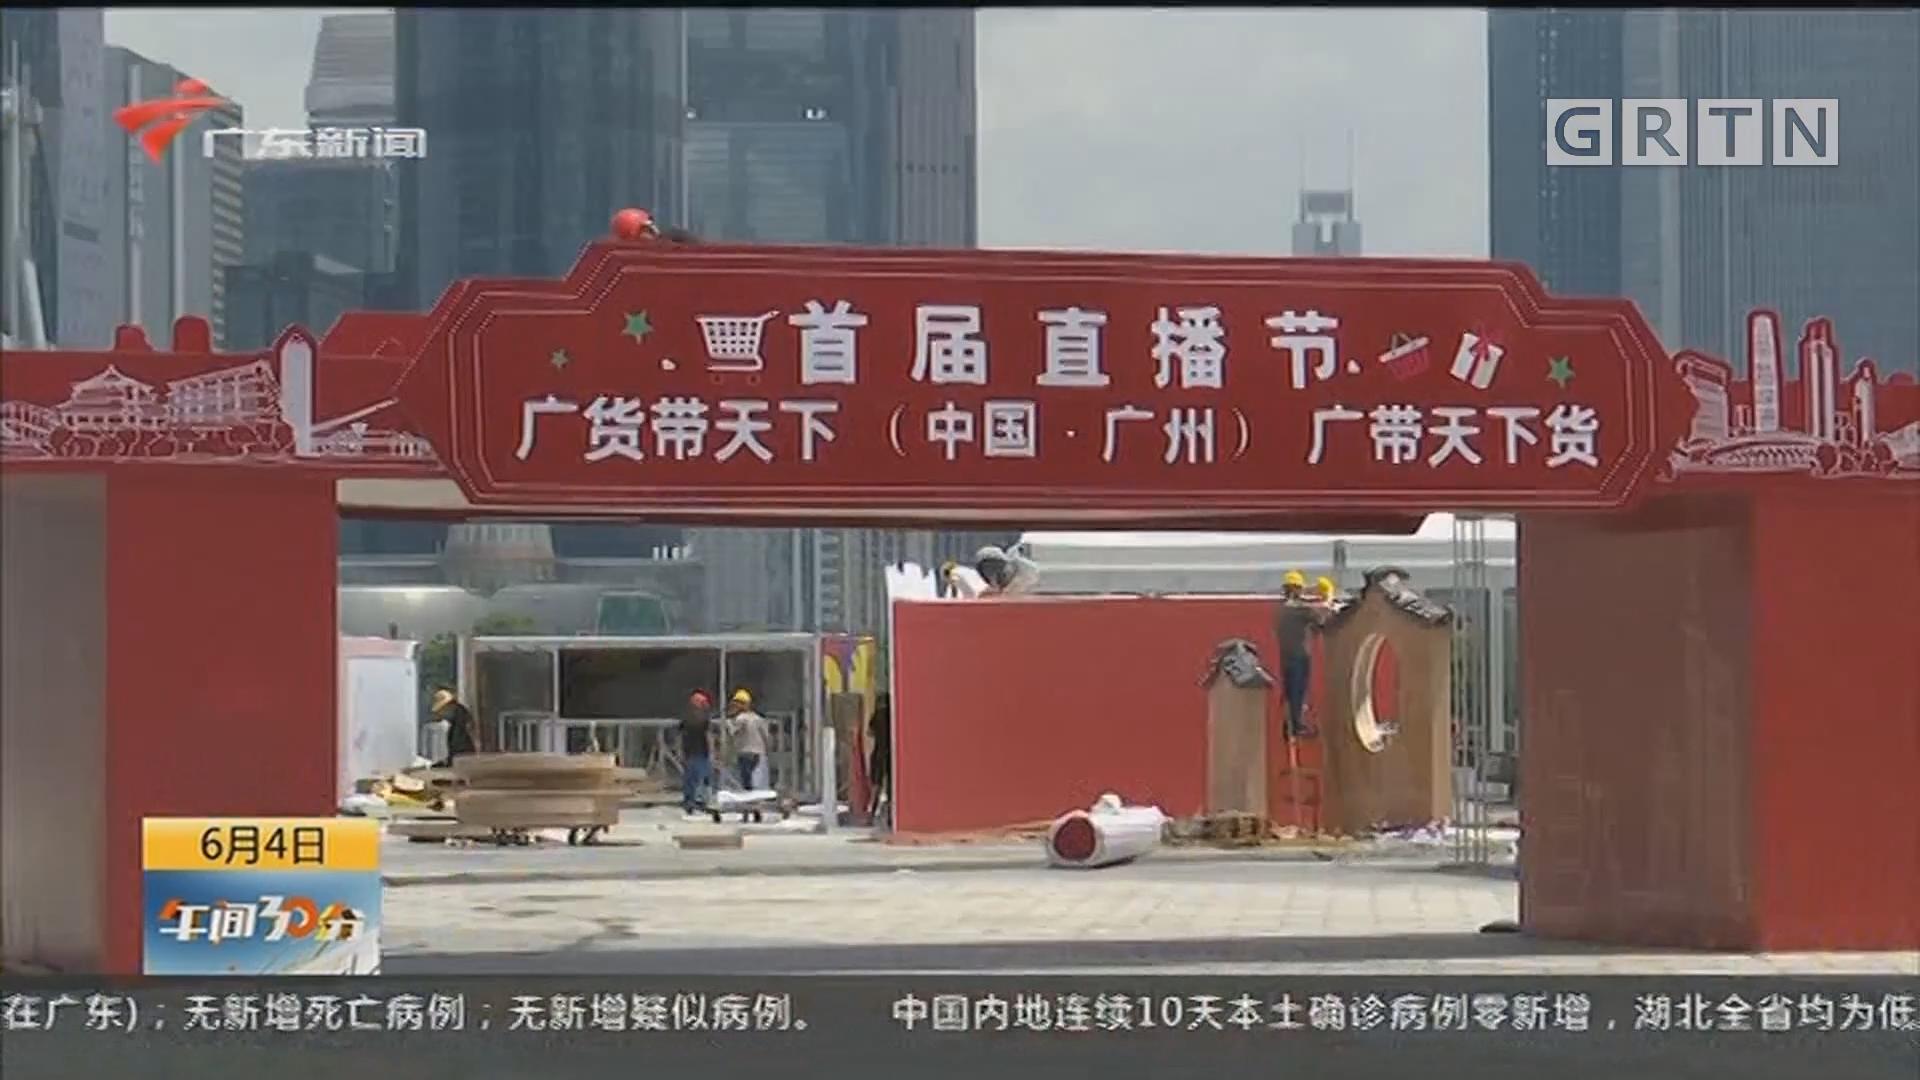 广州直播节将有超20万场直播